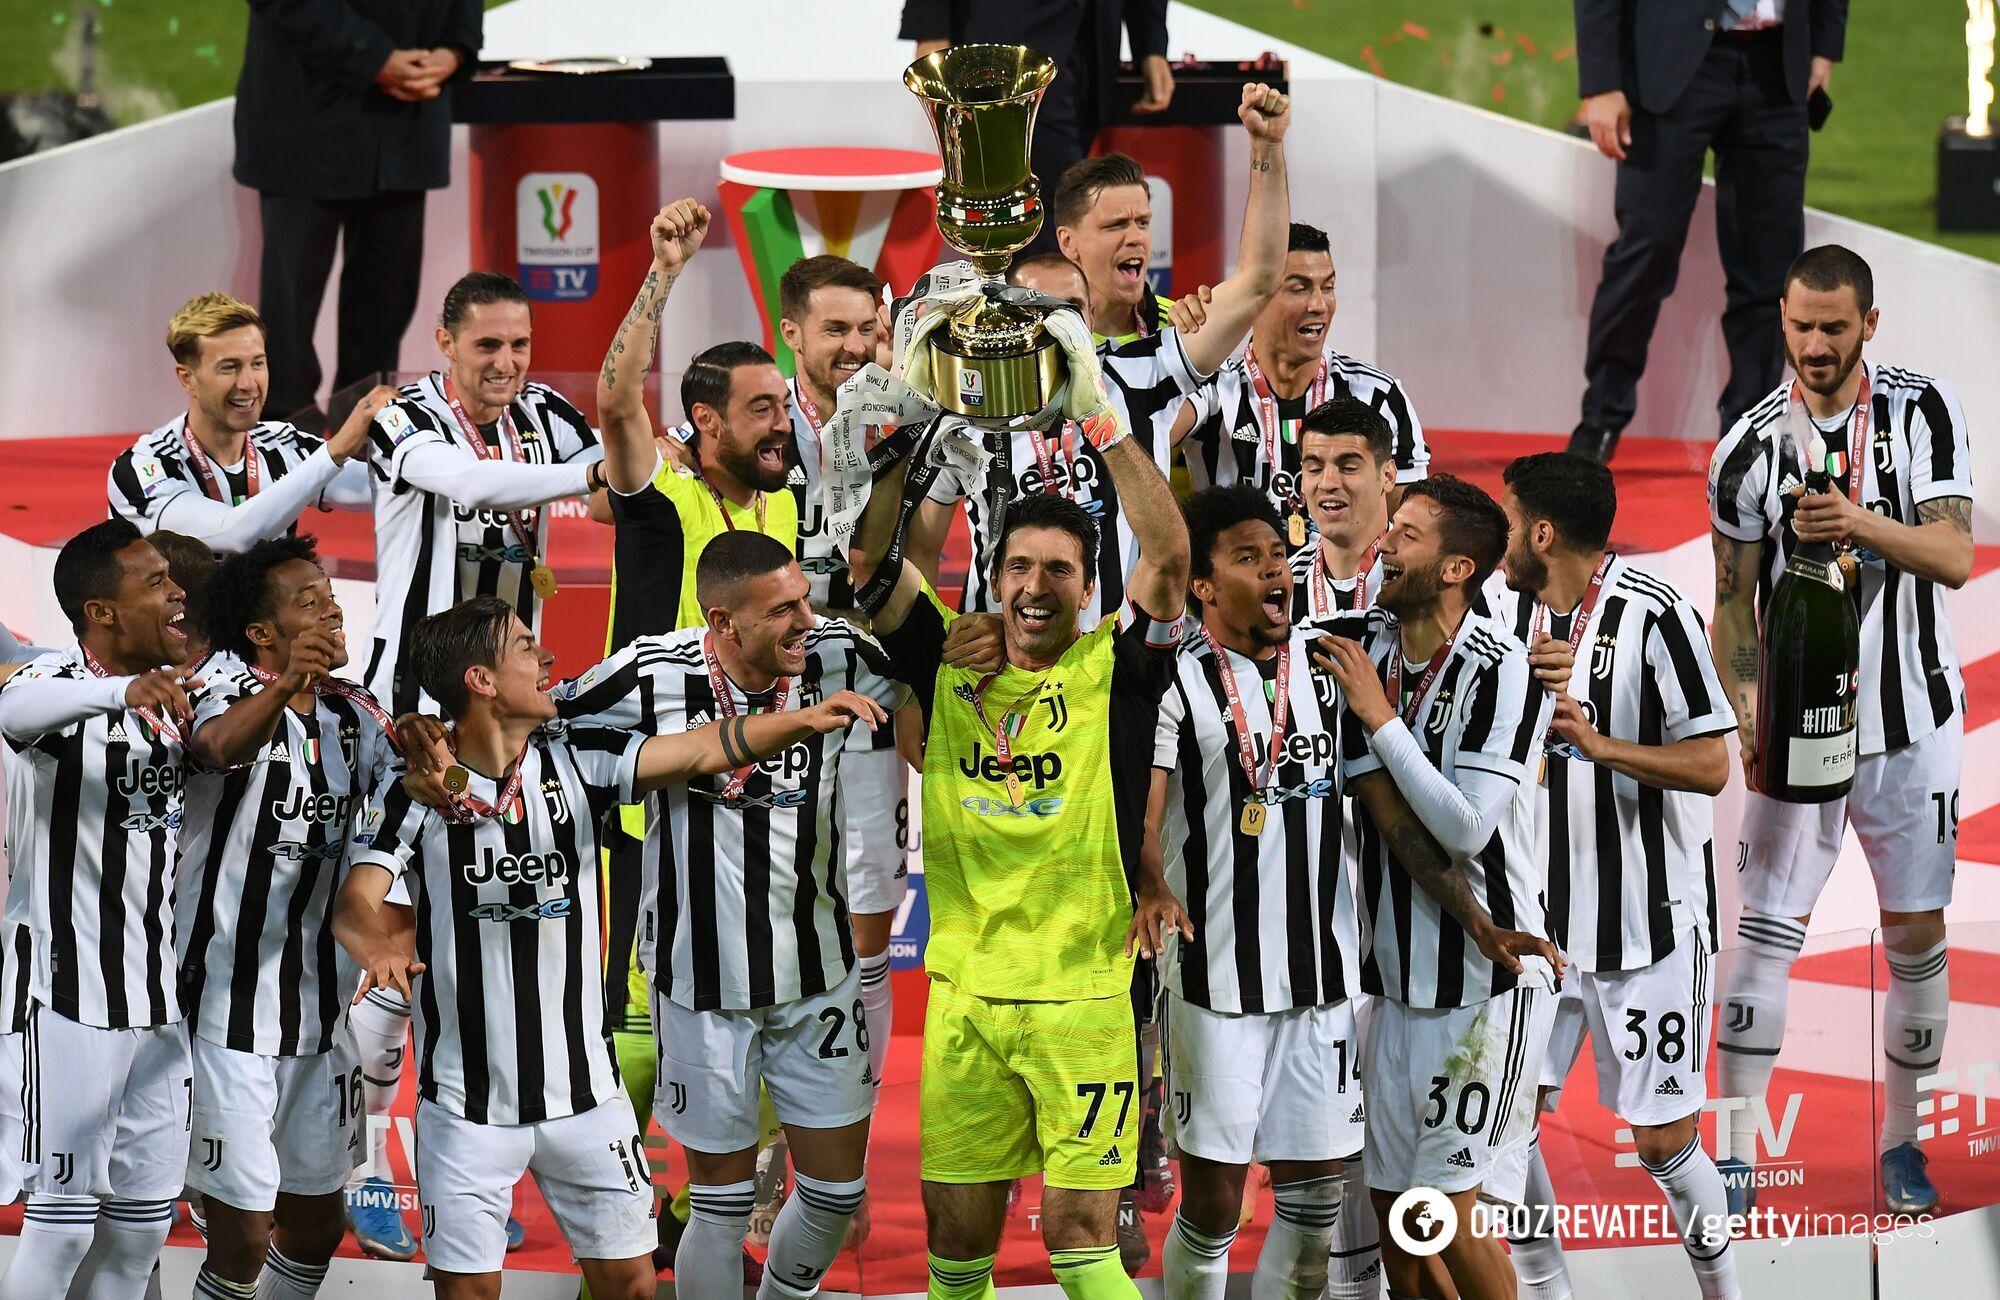 Ювентус празднует победу в Кубке Италии